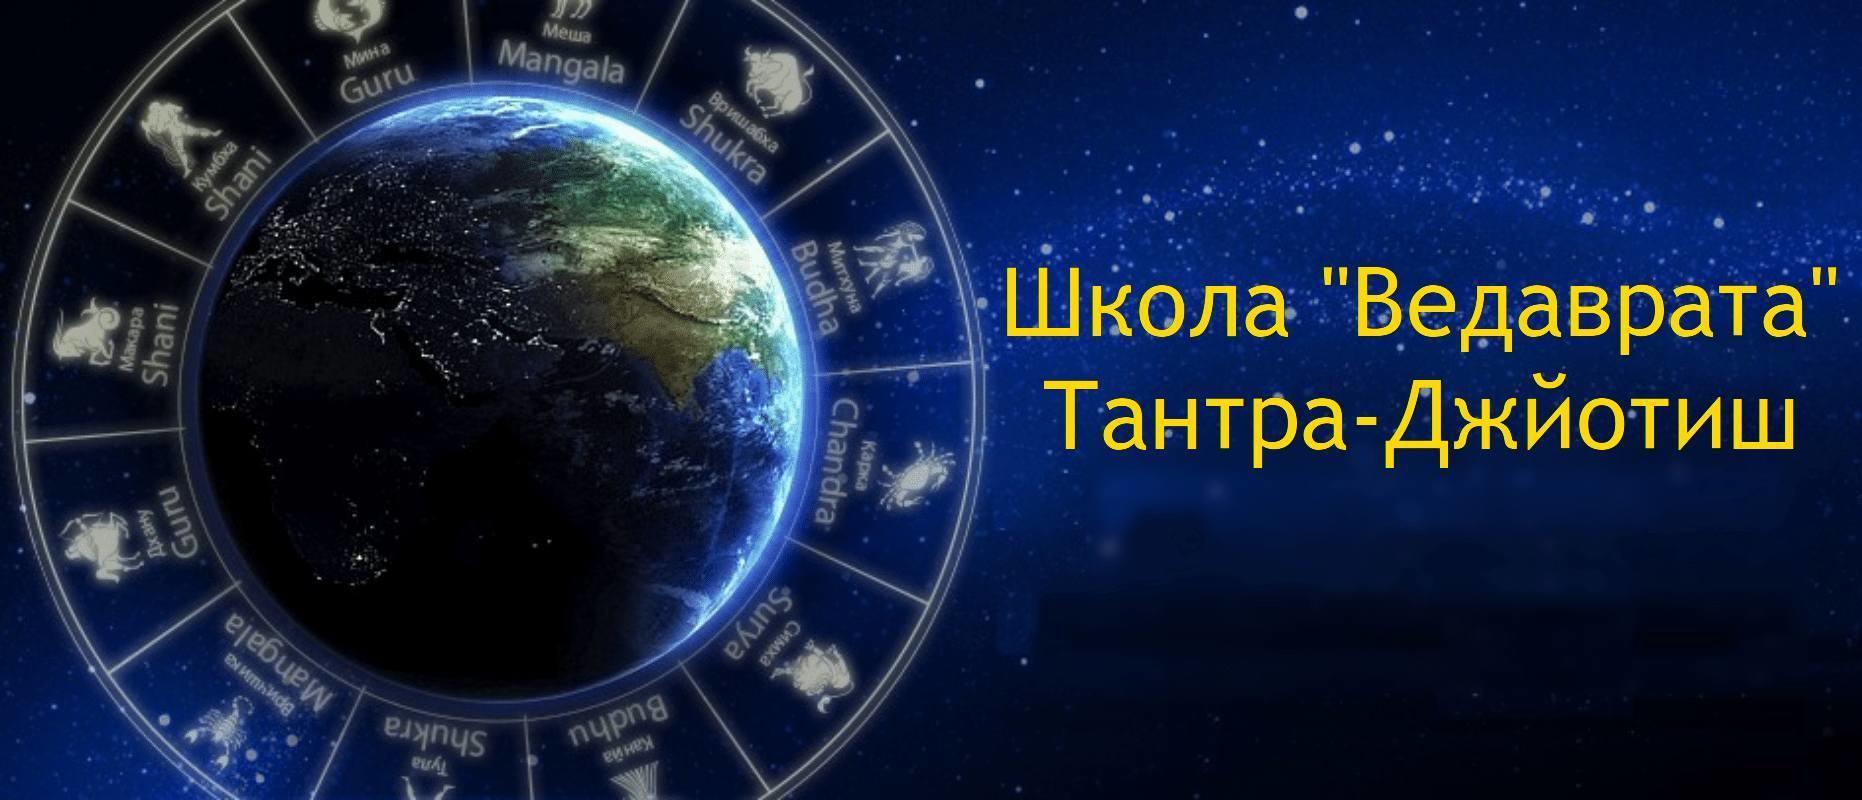 Антон Кузнецов: видео-курс 'Стать астрологом за 2 месяца без книг — Грахи, Раши и Бхавы, их сочетания, чтение карт рождения и консультирование' (5 блоков)